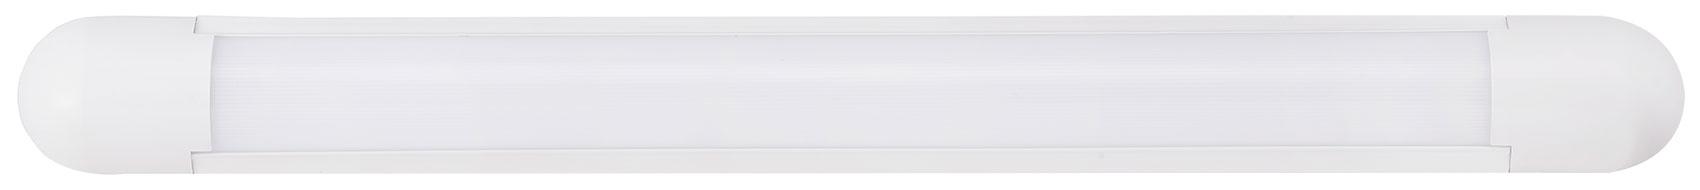 Потолочный светильник Llt SPO-109 14В.